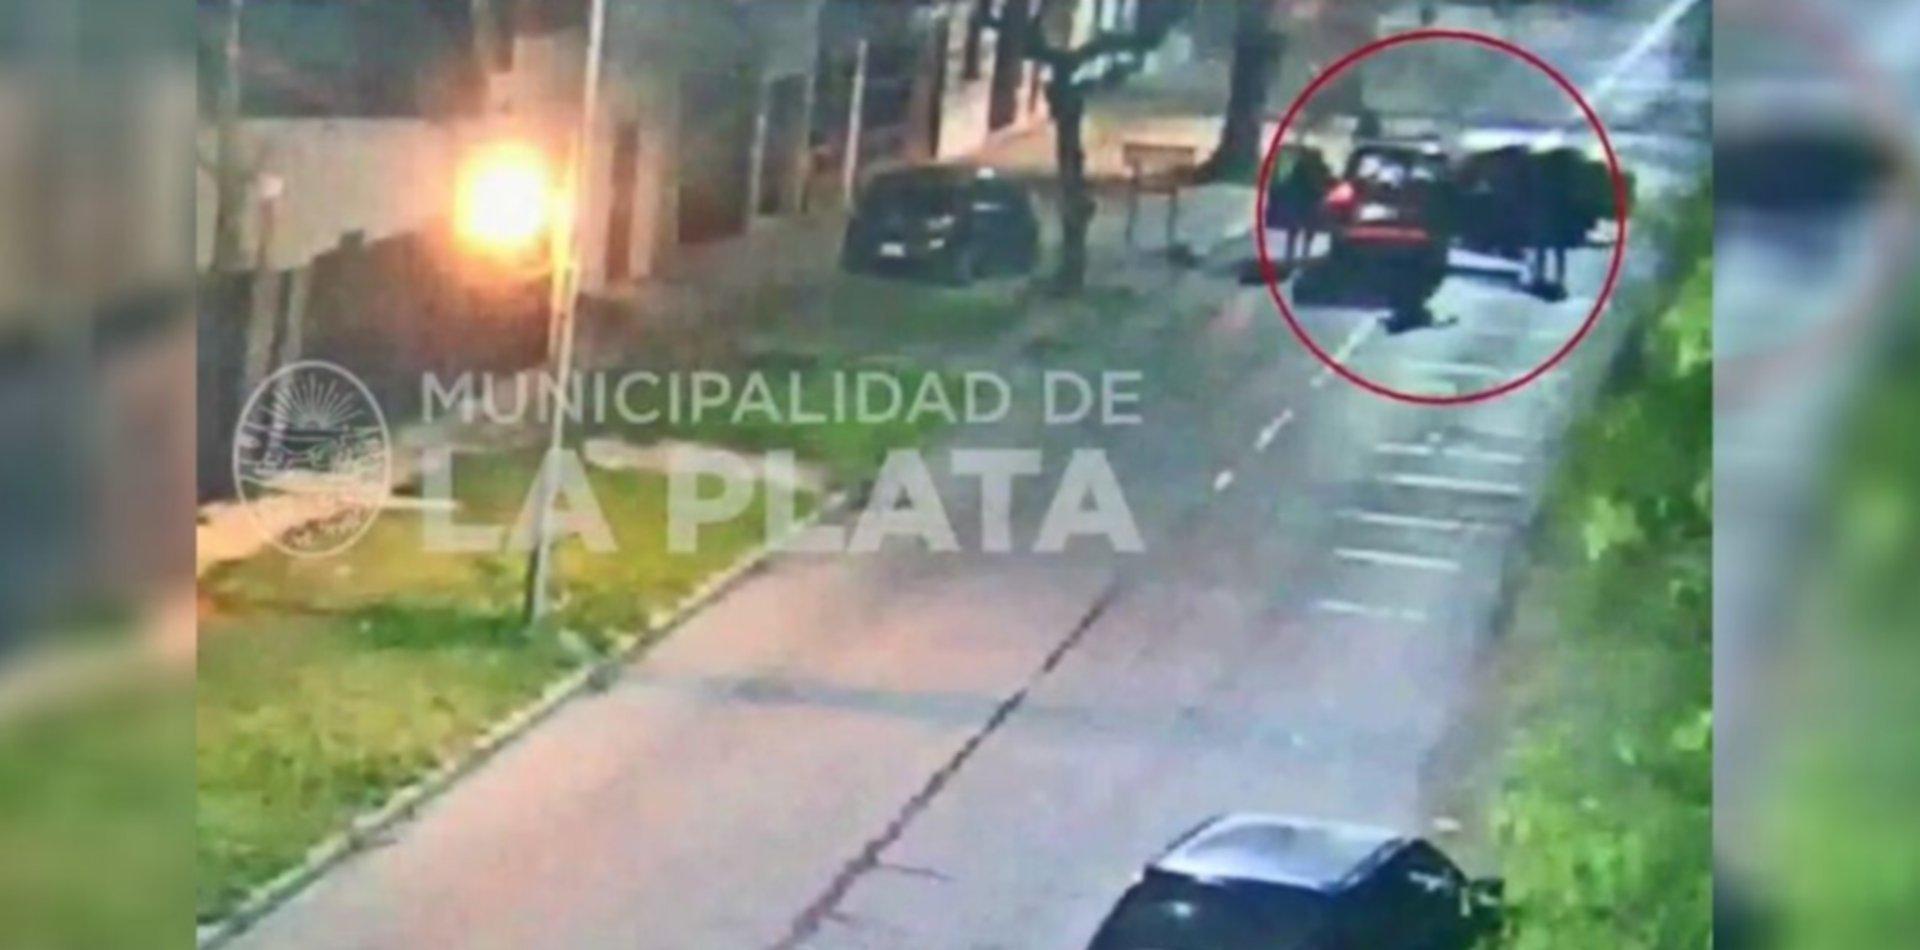 VIDEO: Tras una persecución, atraparon a ladrones en medio de una entradera en La Plata